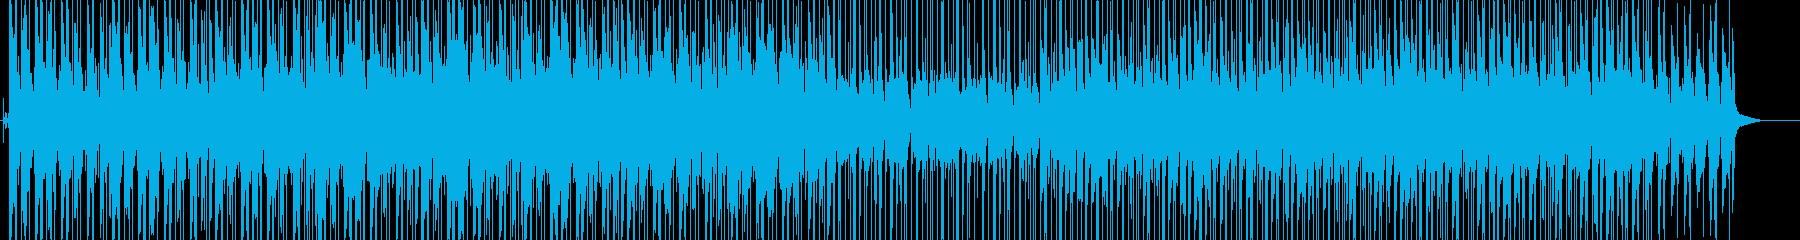 Lo-Fi-おしゃれ-動画-ピアノ-CMの再生済みの波形